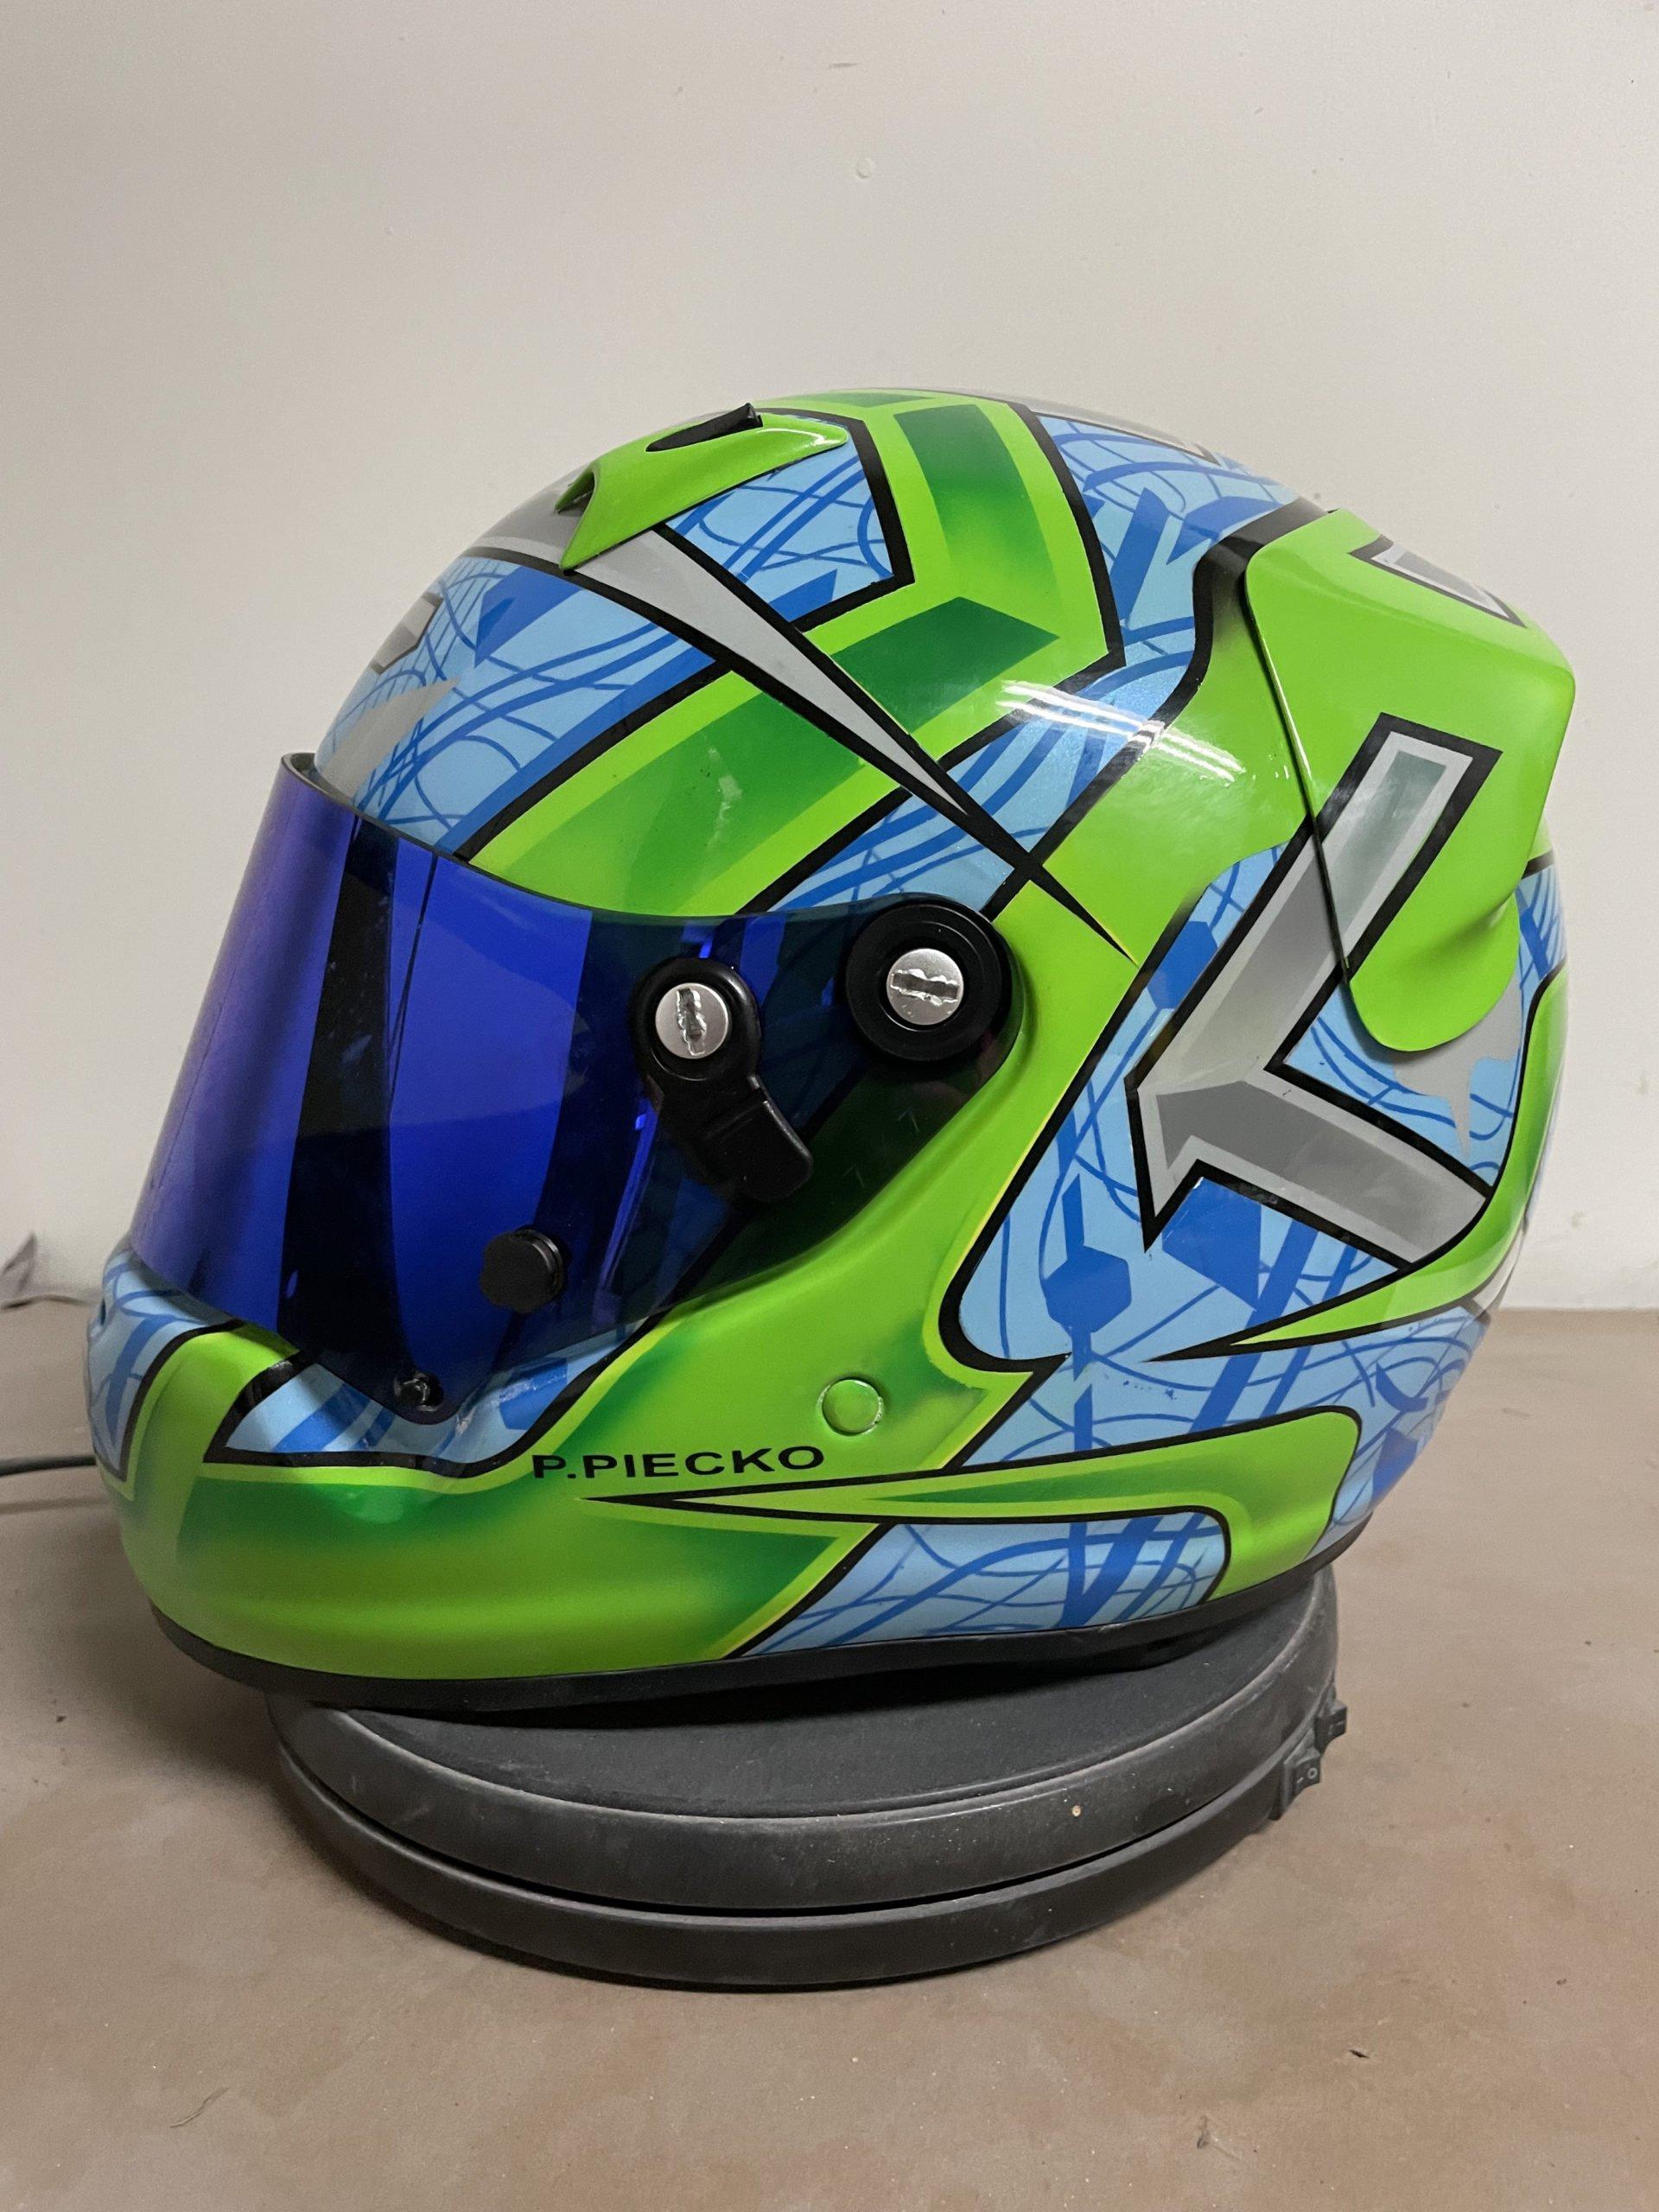 race helmet sept 3